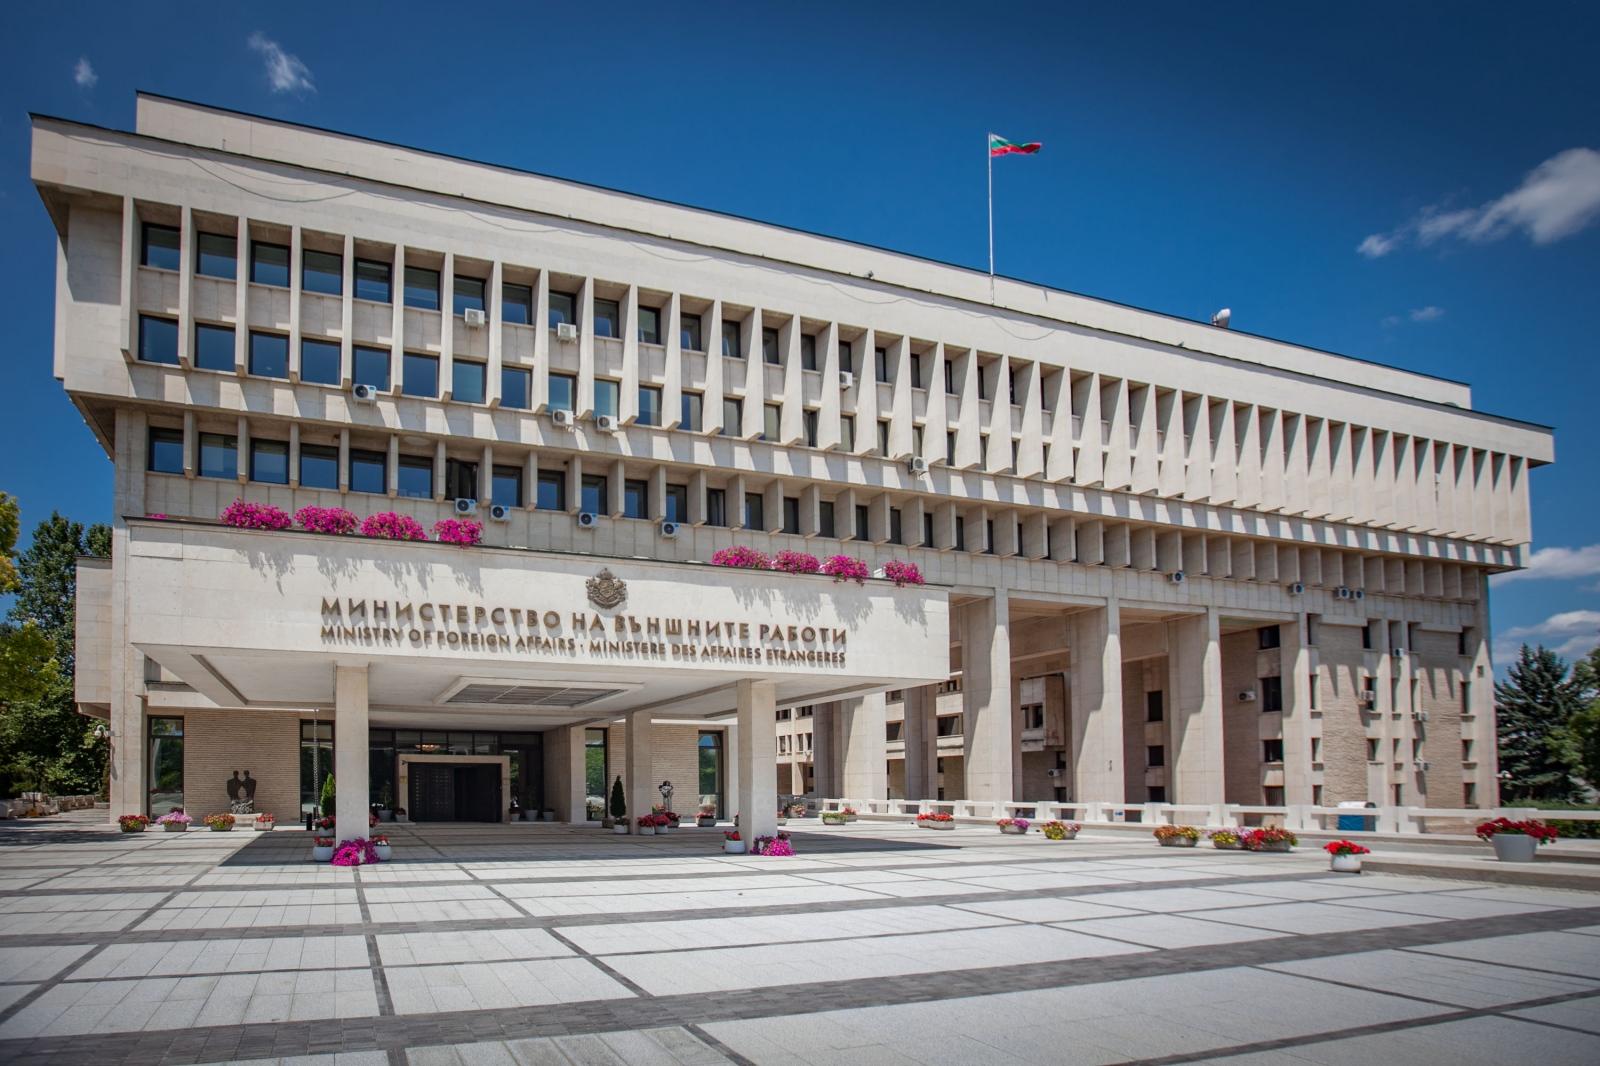 България потвърди позицията си относно европейската перспектива на Република Северна